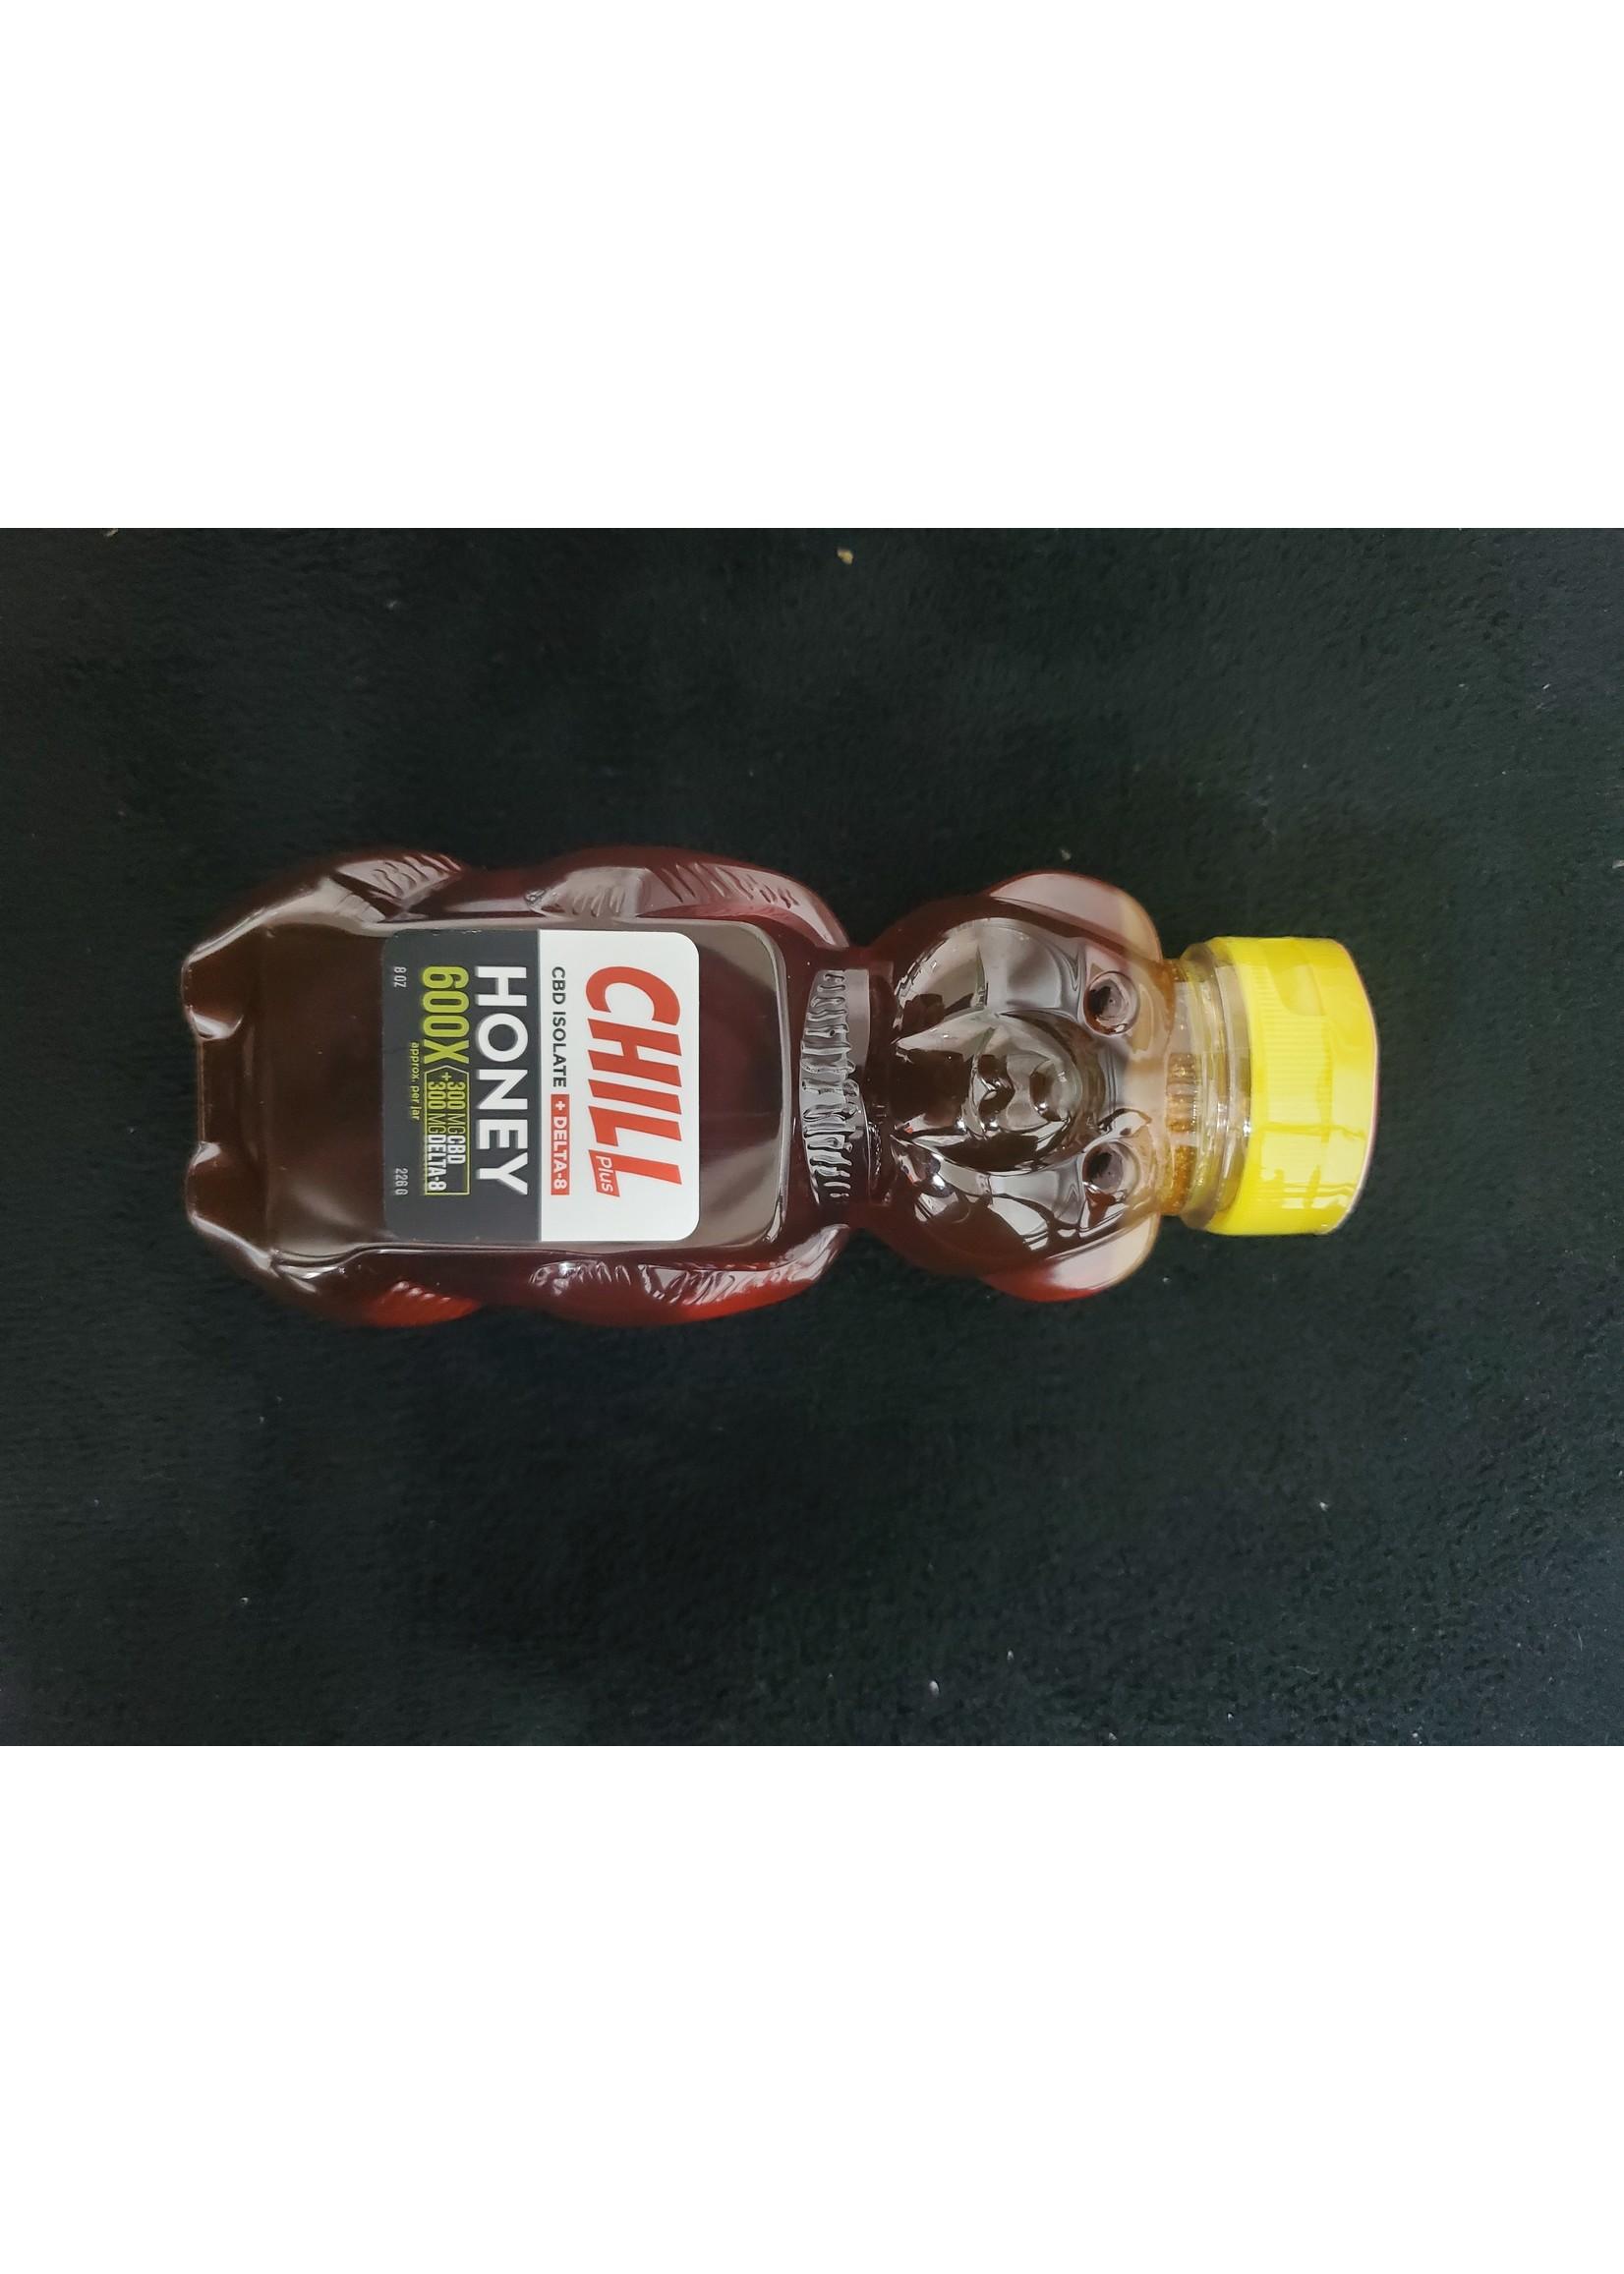 Chill Chill 600mg CBD/Delta 8 Honey Jar